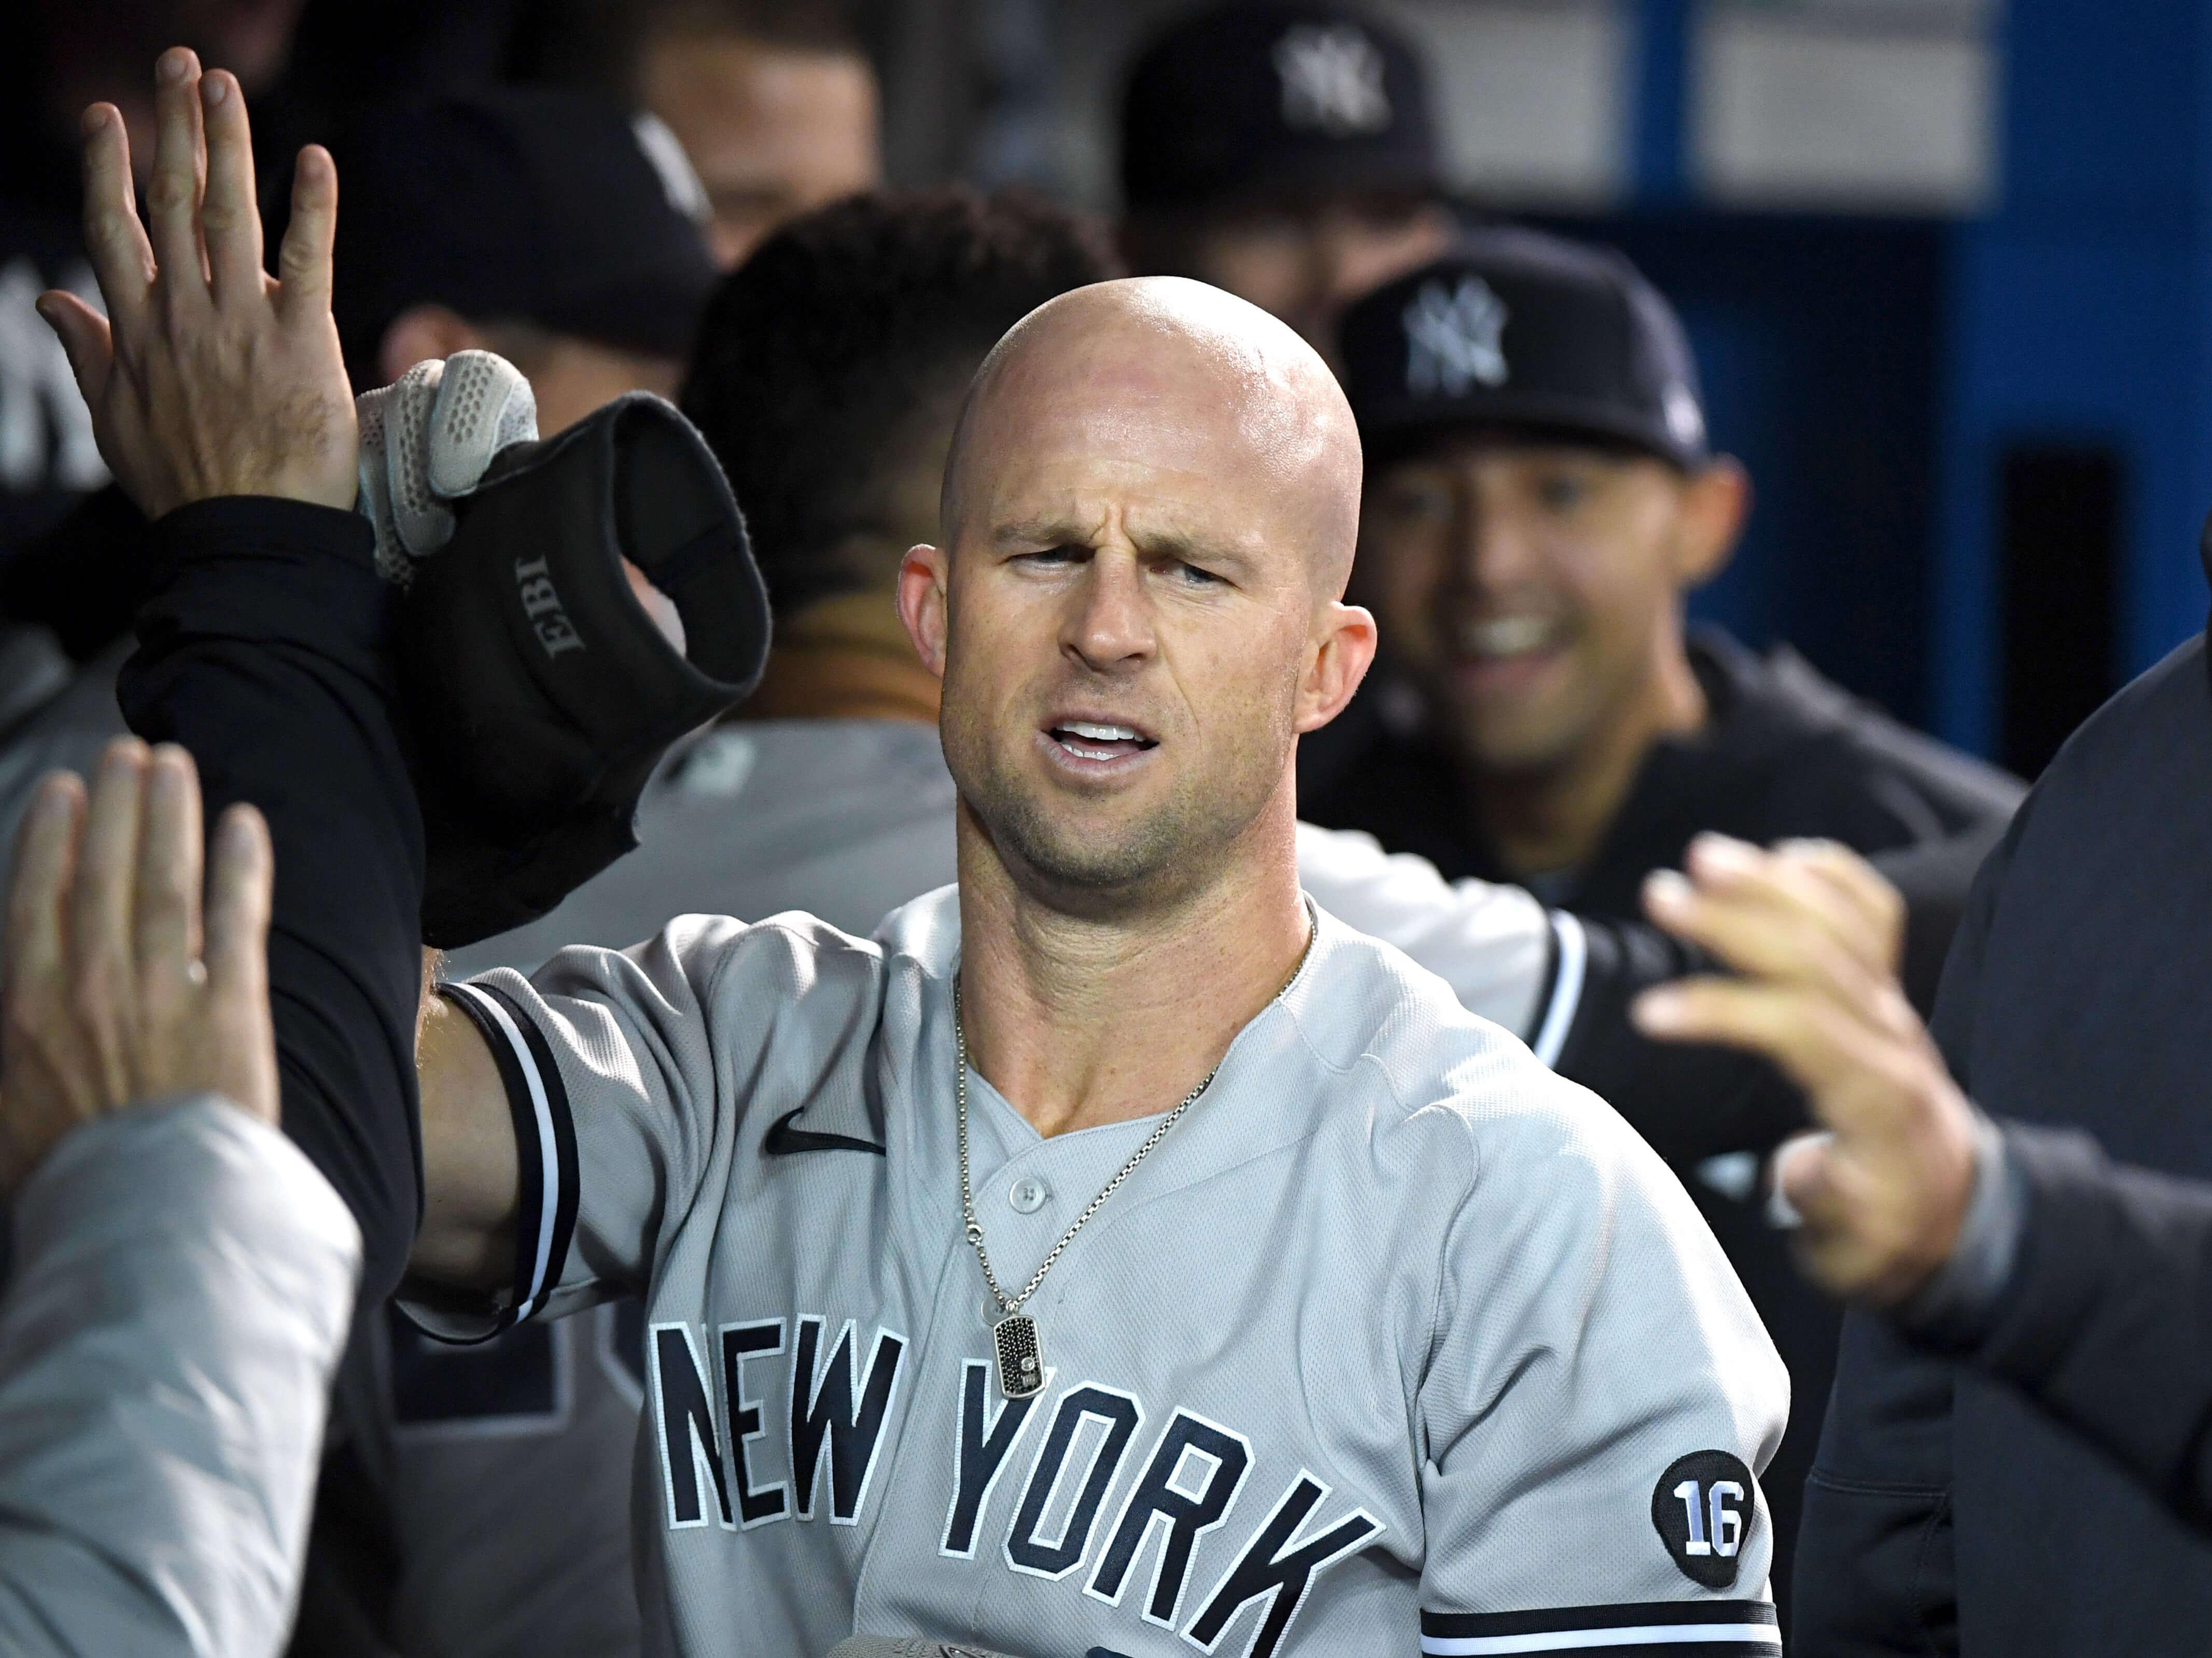 New York Yankees, Brett Gardner